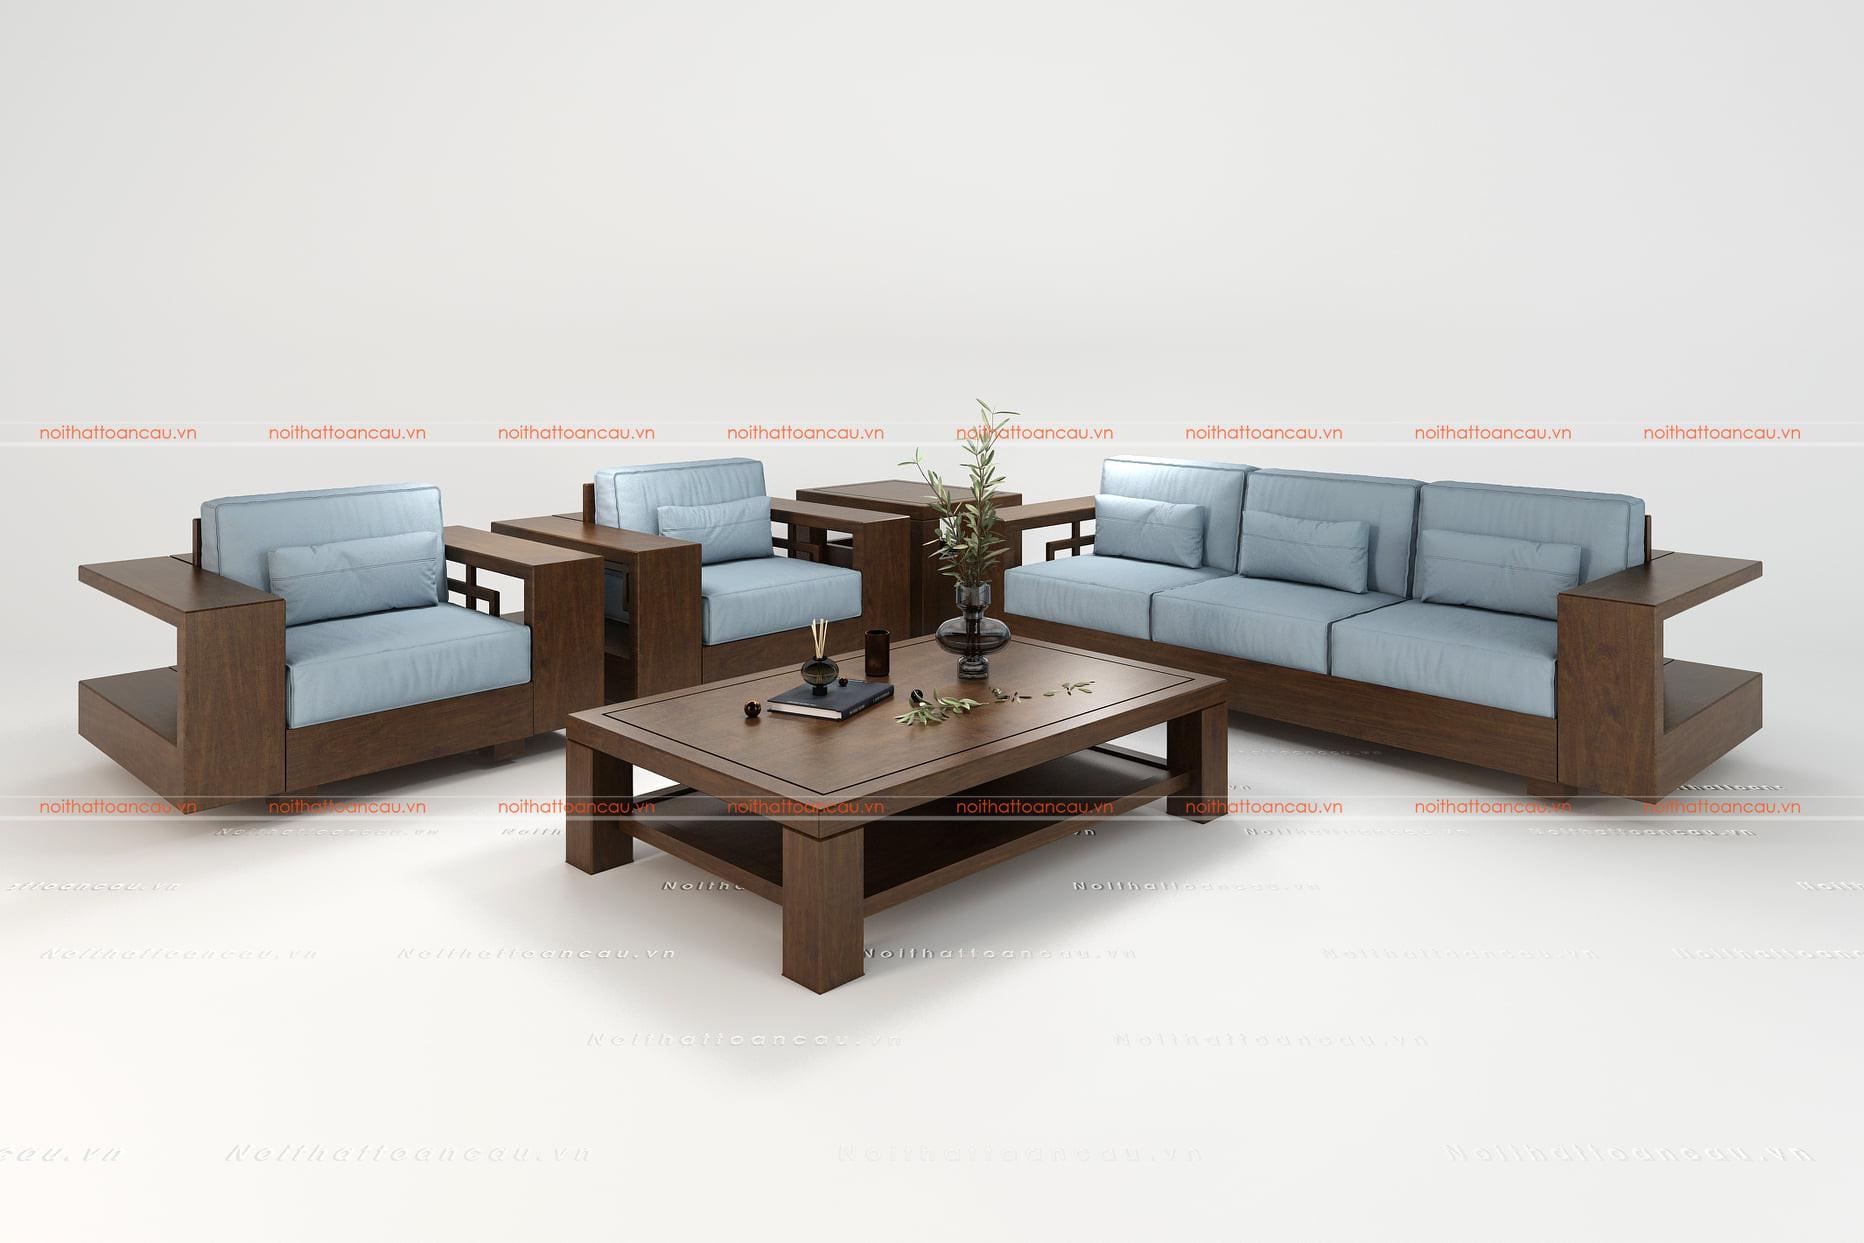 Bàn ghế gỗ gụ hiện đại  12